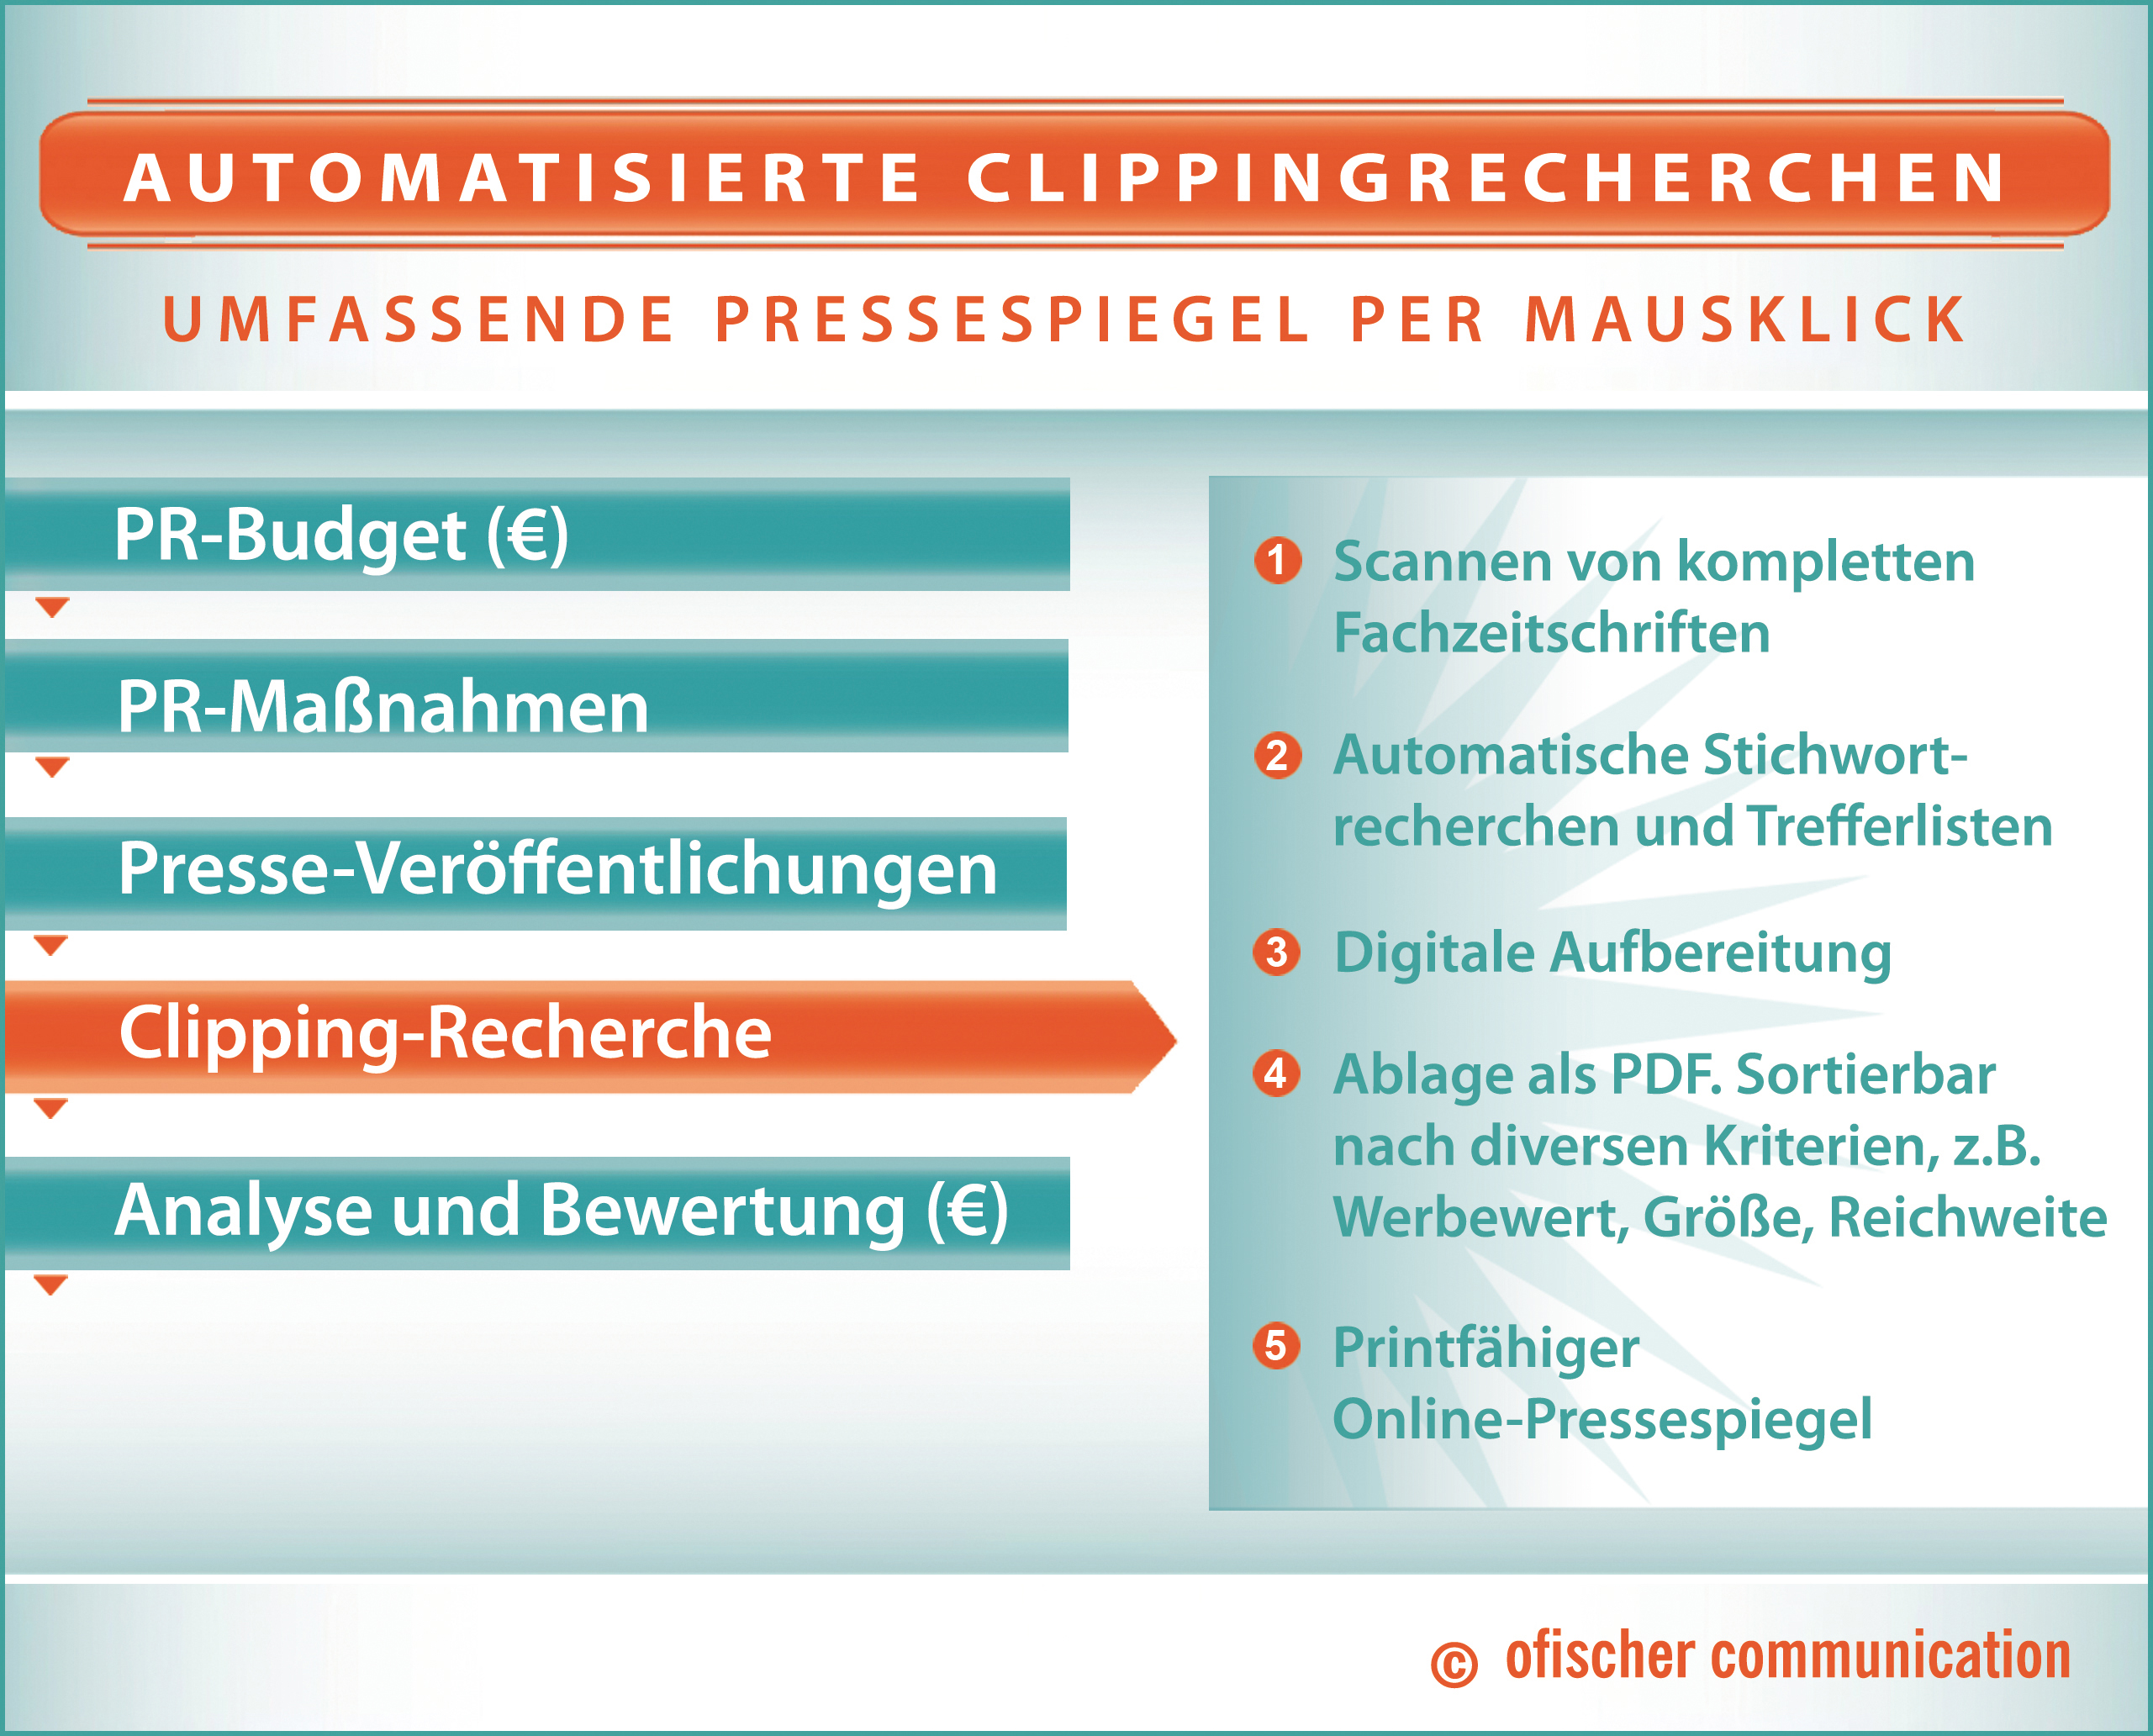 Automatisierte Clippingrecherche: umfassende Pressespiegel für Ihr Unternehmen!